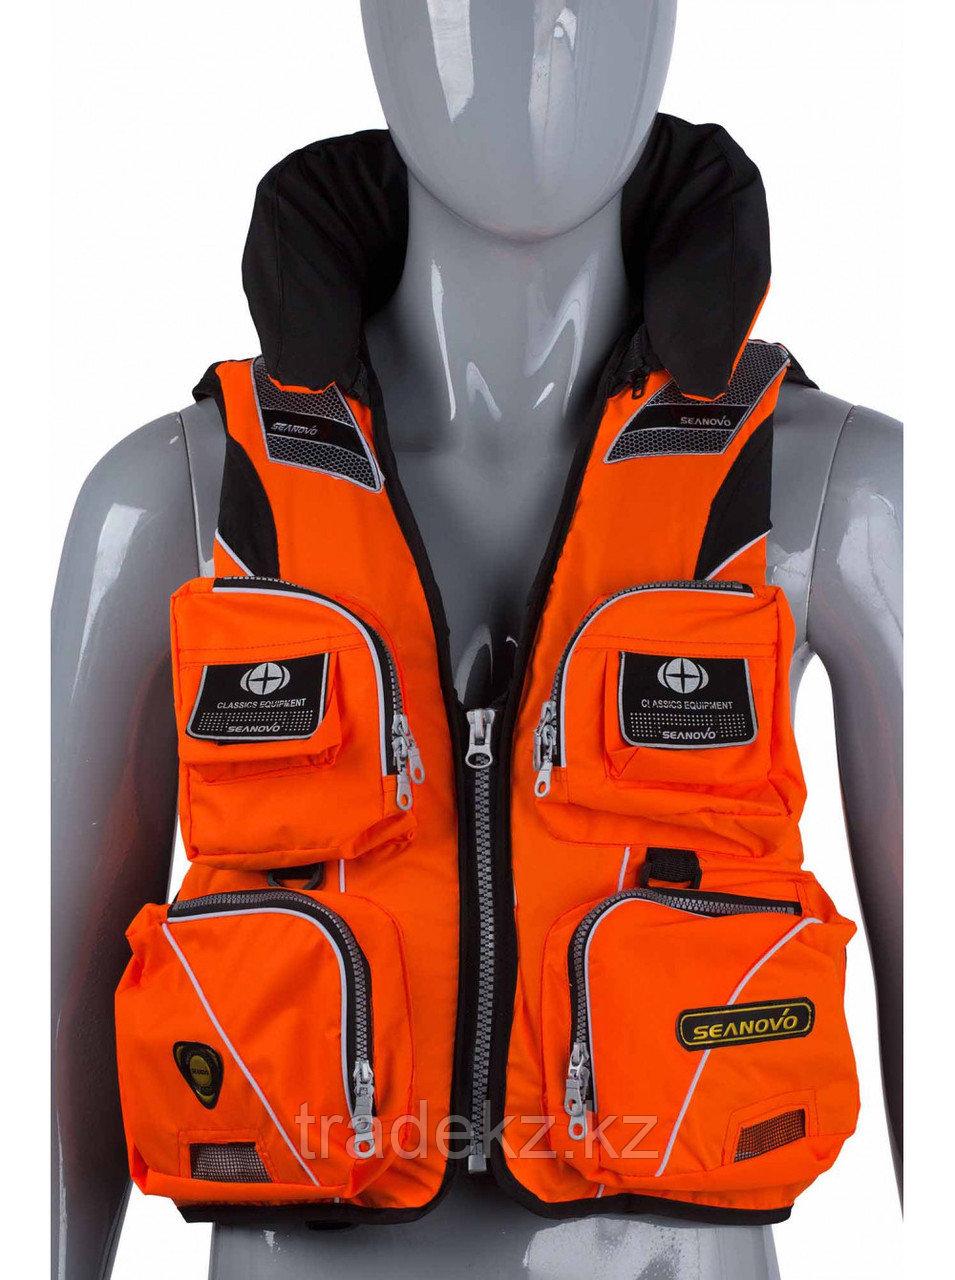 Жилет спасательный SEANOVO SJ11, оранжевый, накладные карманы, размер XXXL (58-60)